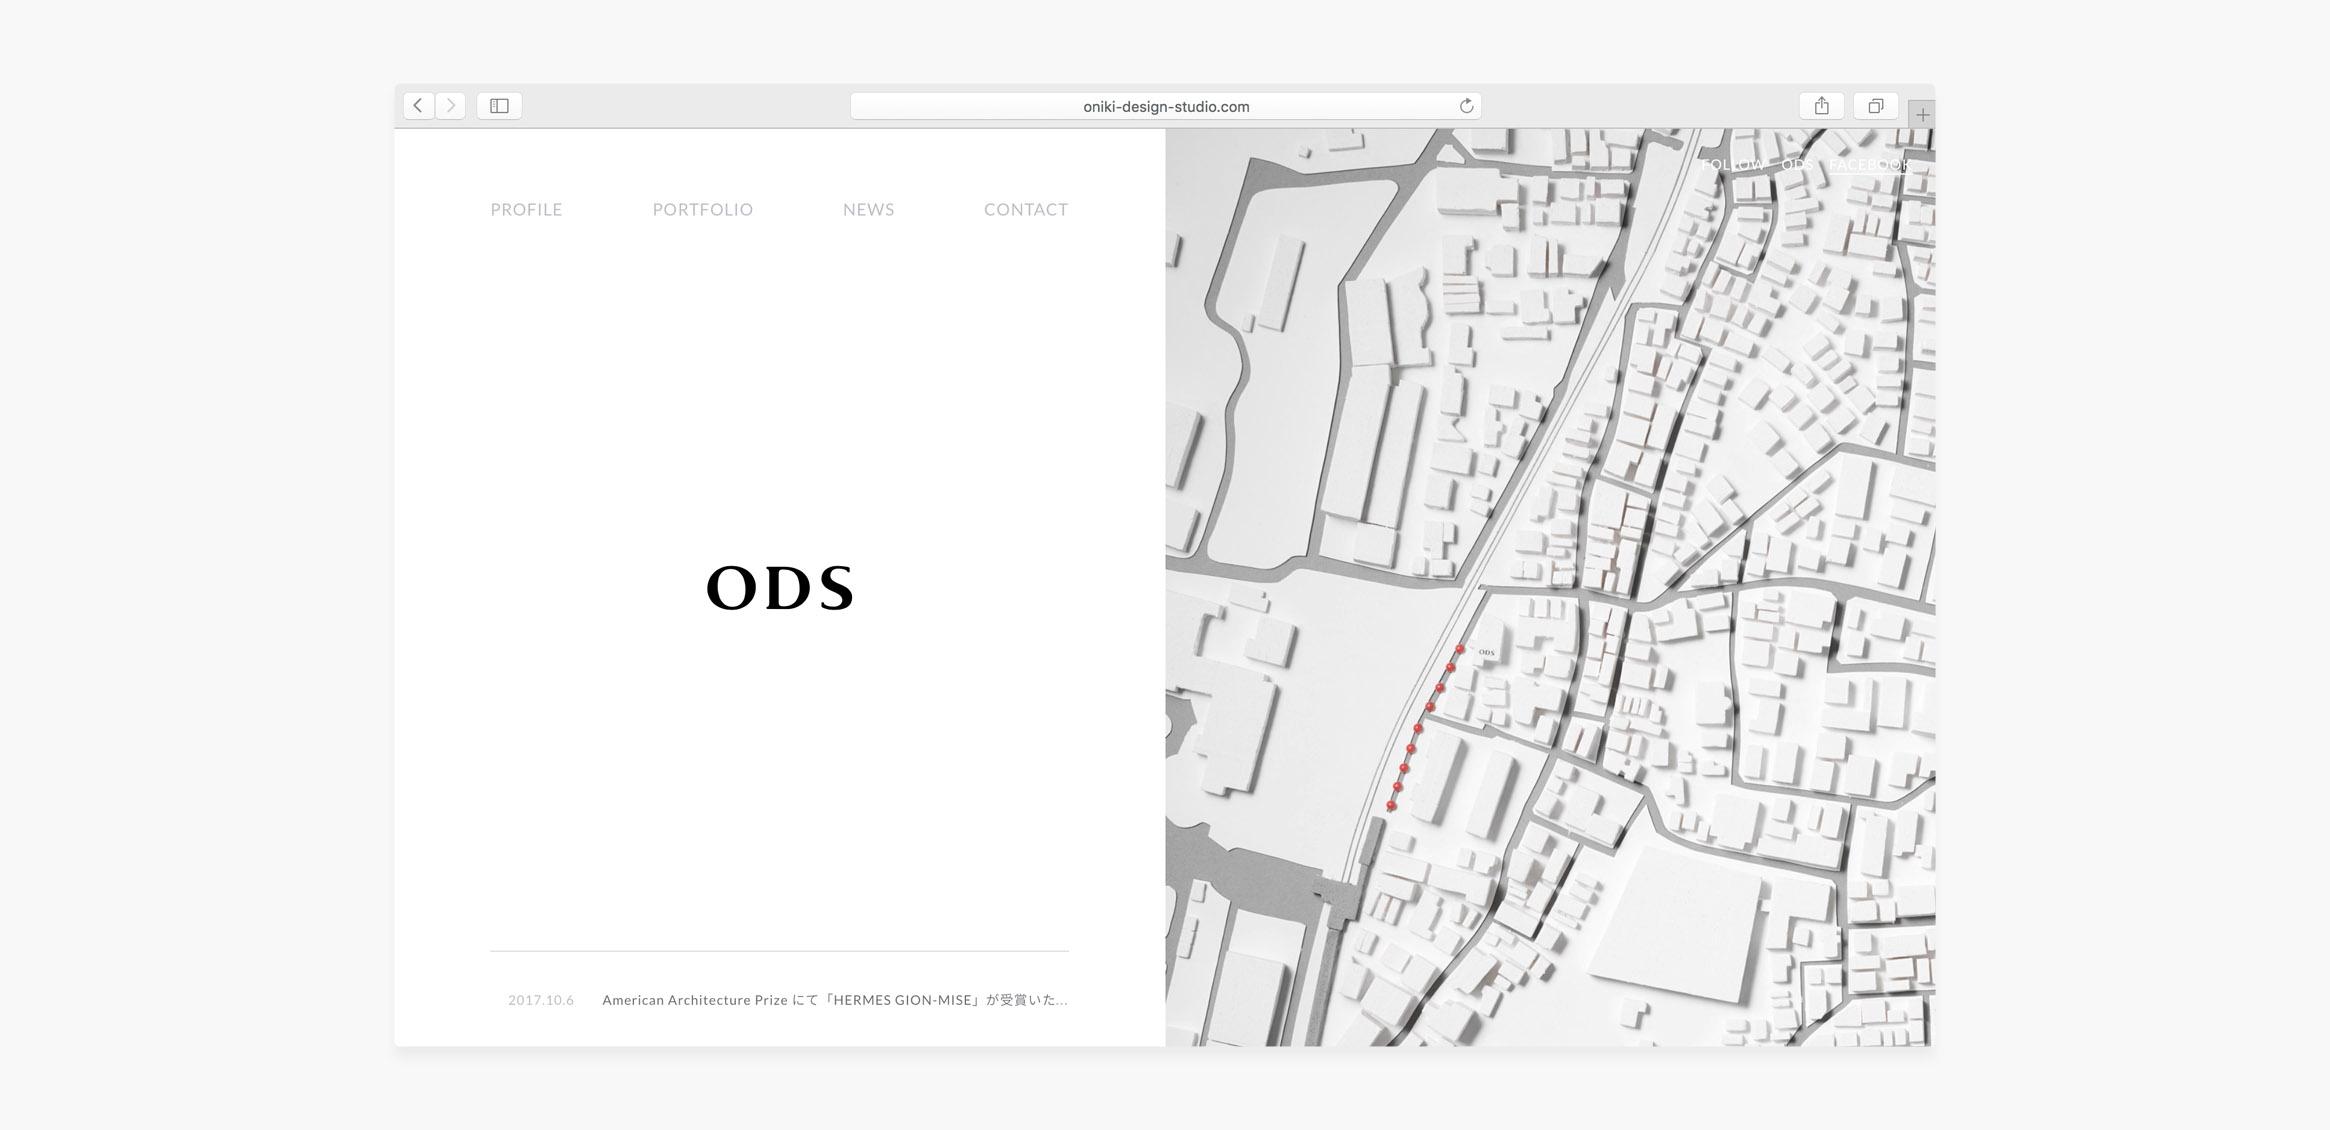 鬼木设计工作室(ODS)网站0枚目